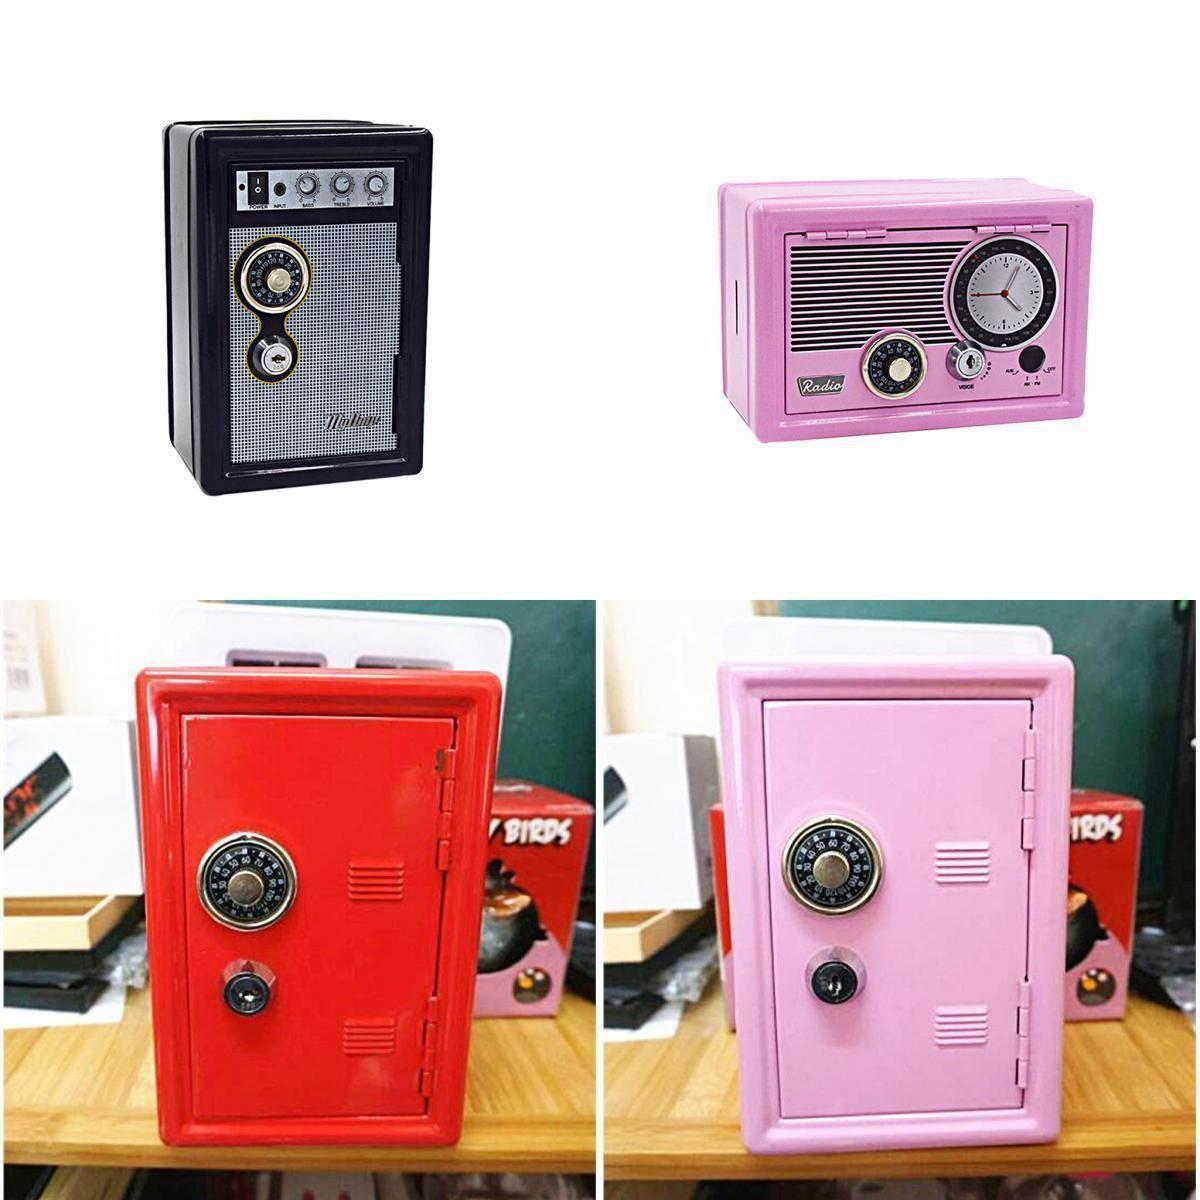 3f4e3a044a59 Details about CHILDREN'S MONEY BOX PIGGY BANK COMBINATION LOCK CASH ...